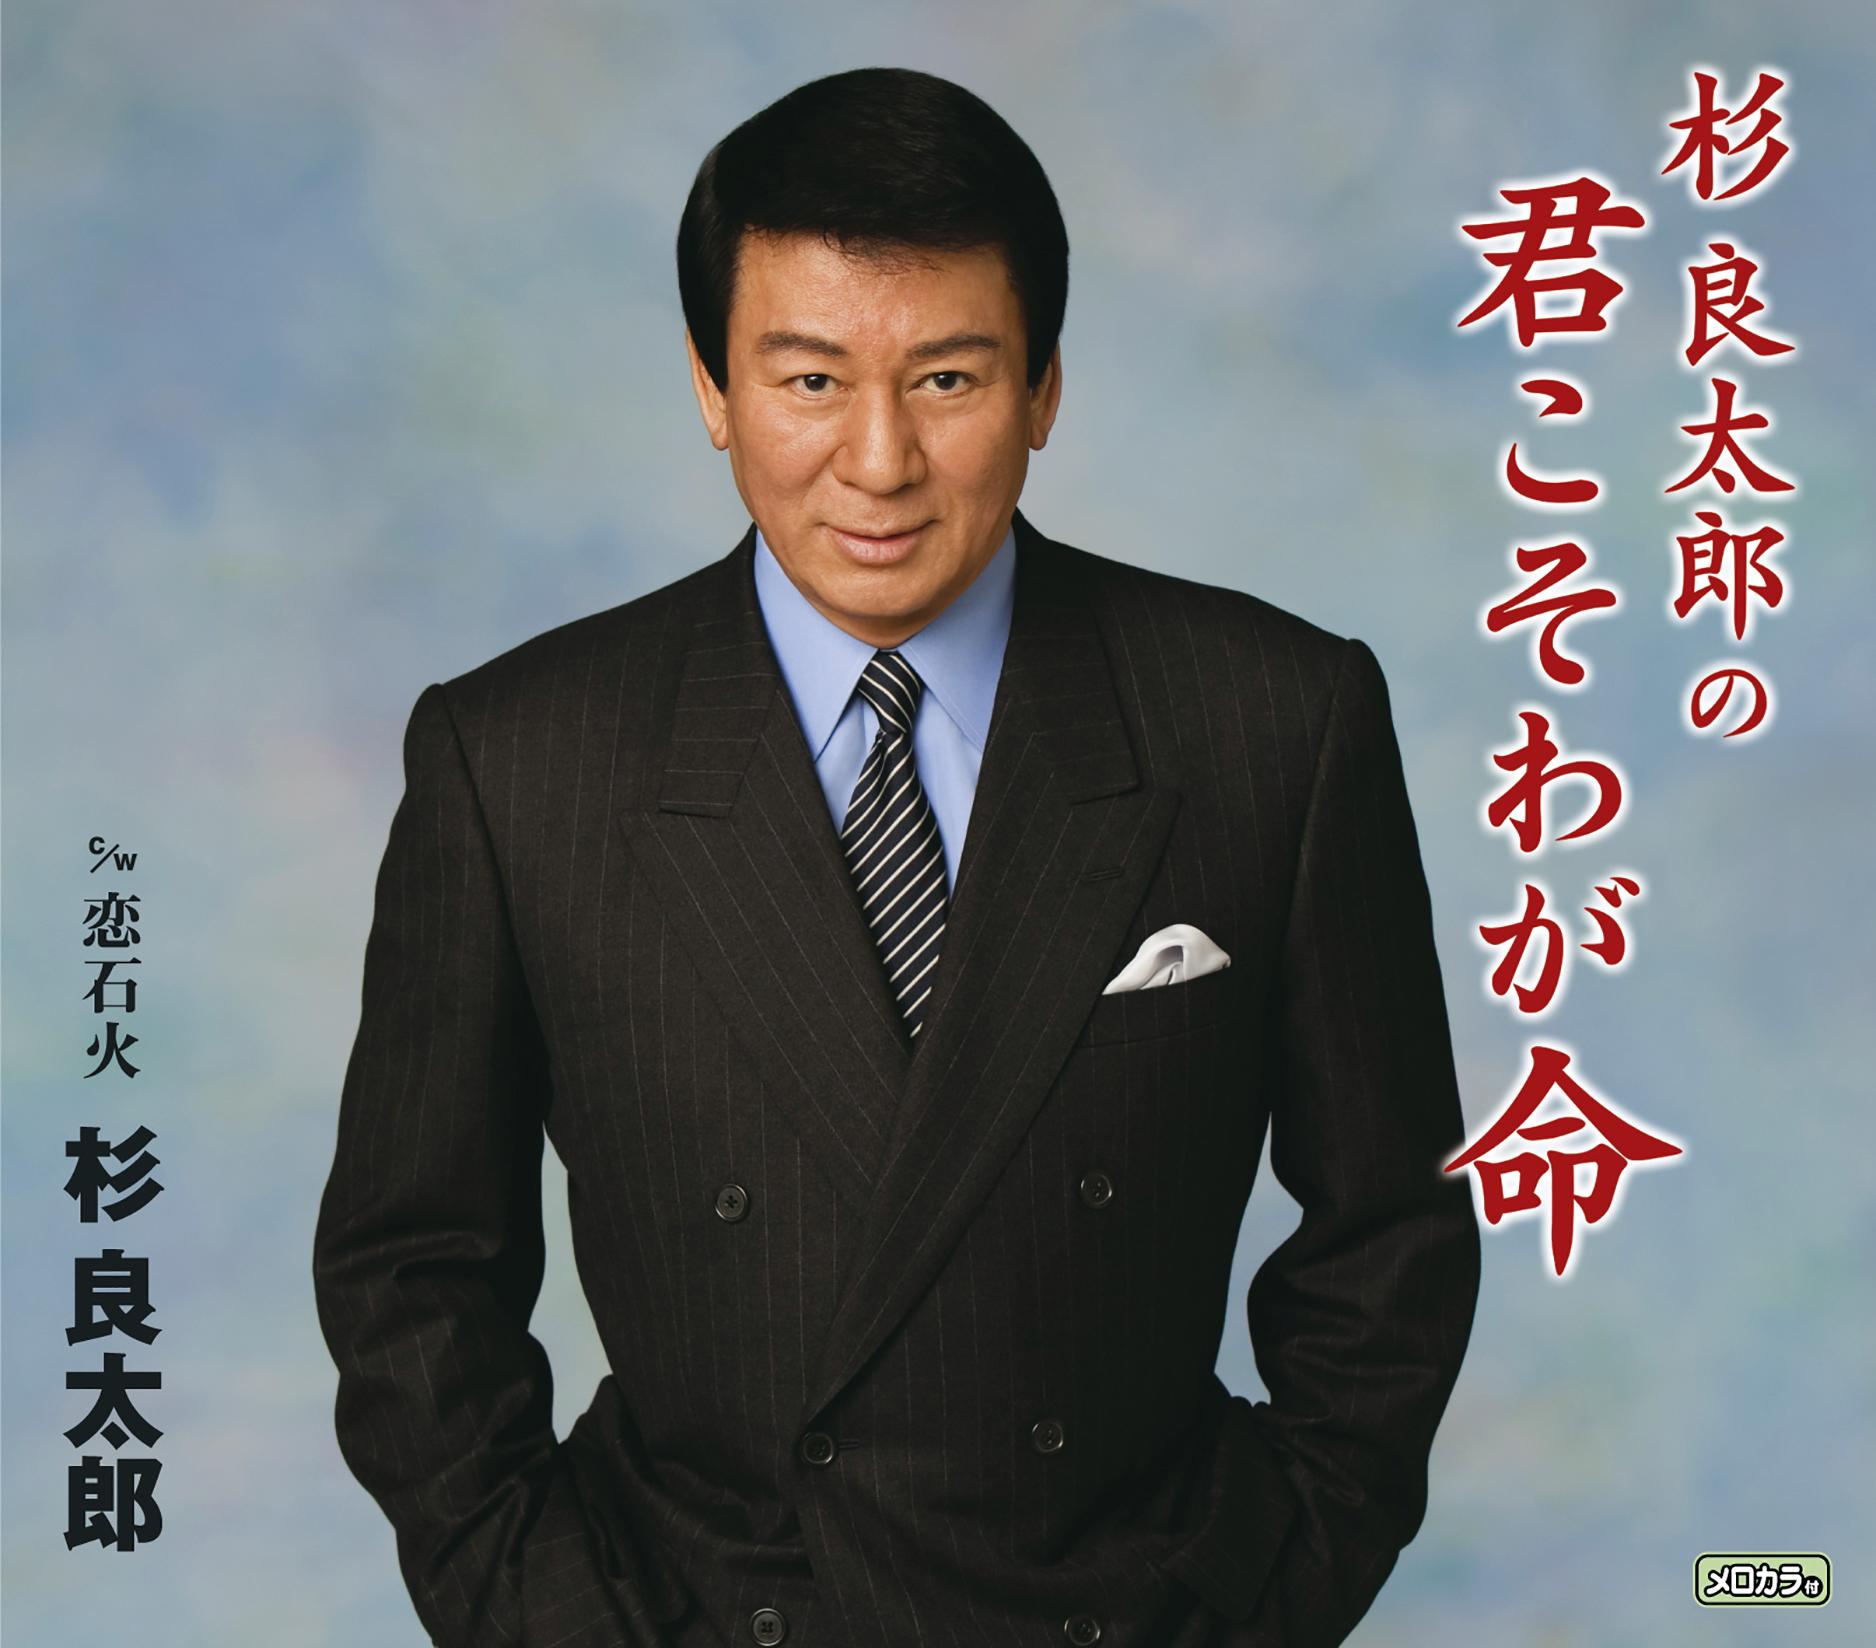 杉良太郎の画像 p1_15